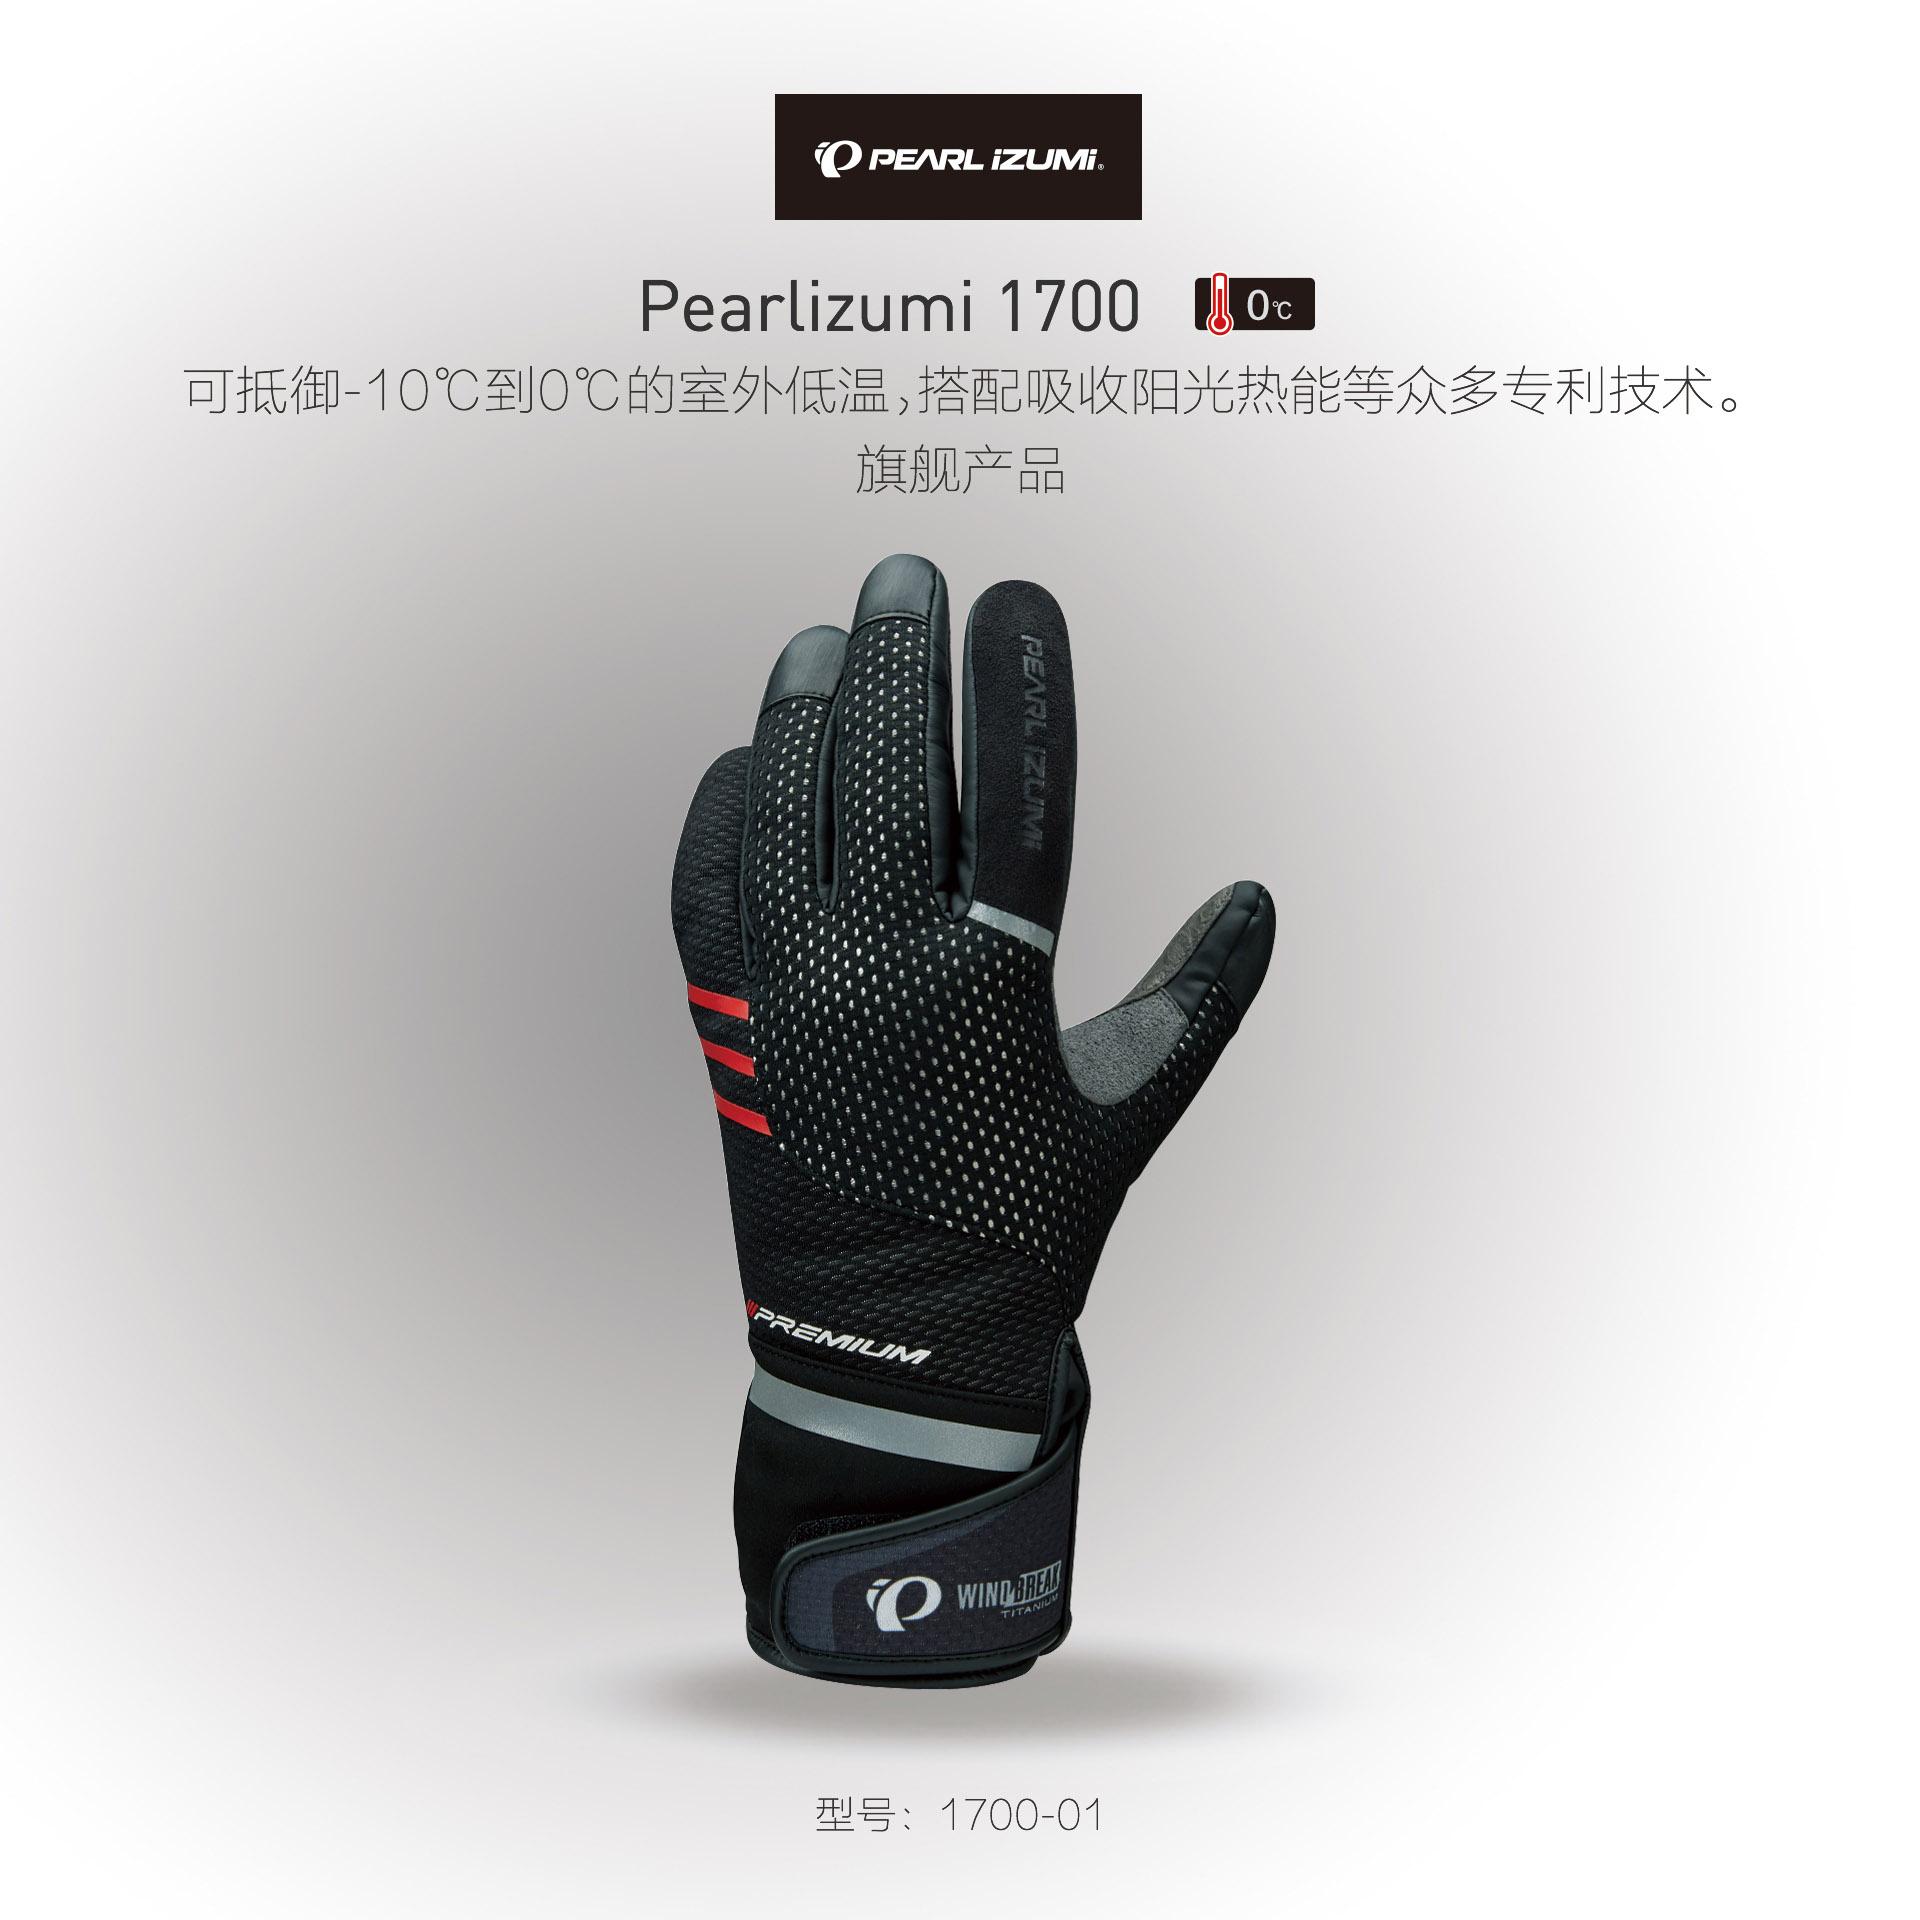 日本 PEARL IZUMI 一字米 1700 0度 冬季 旗艦級 保暖 騎行手套